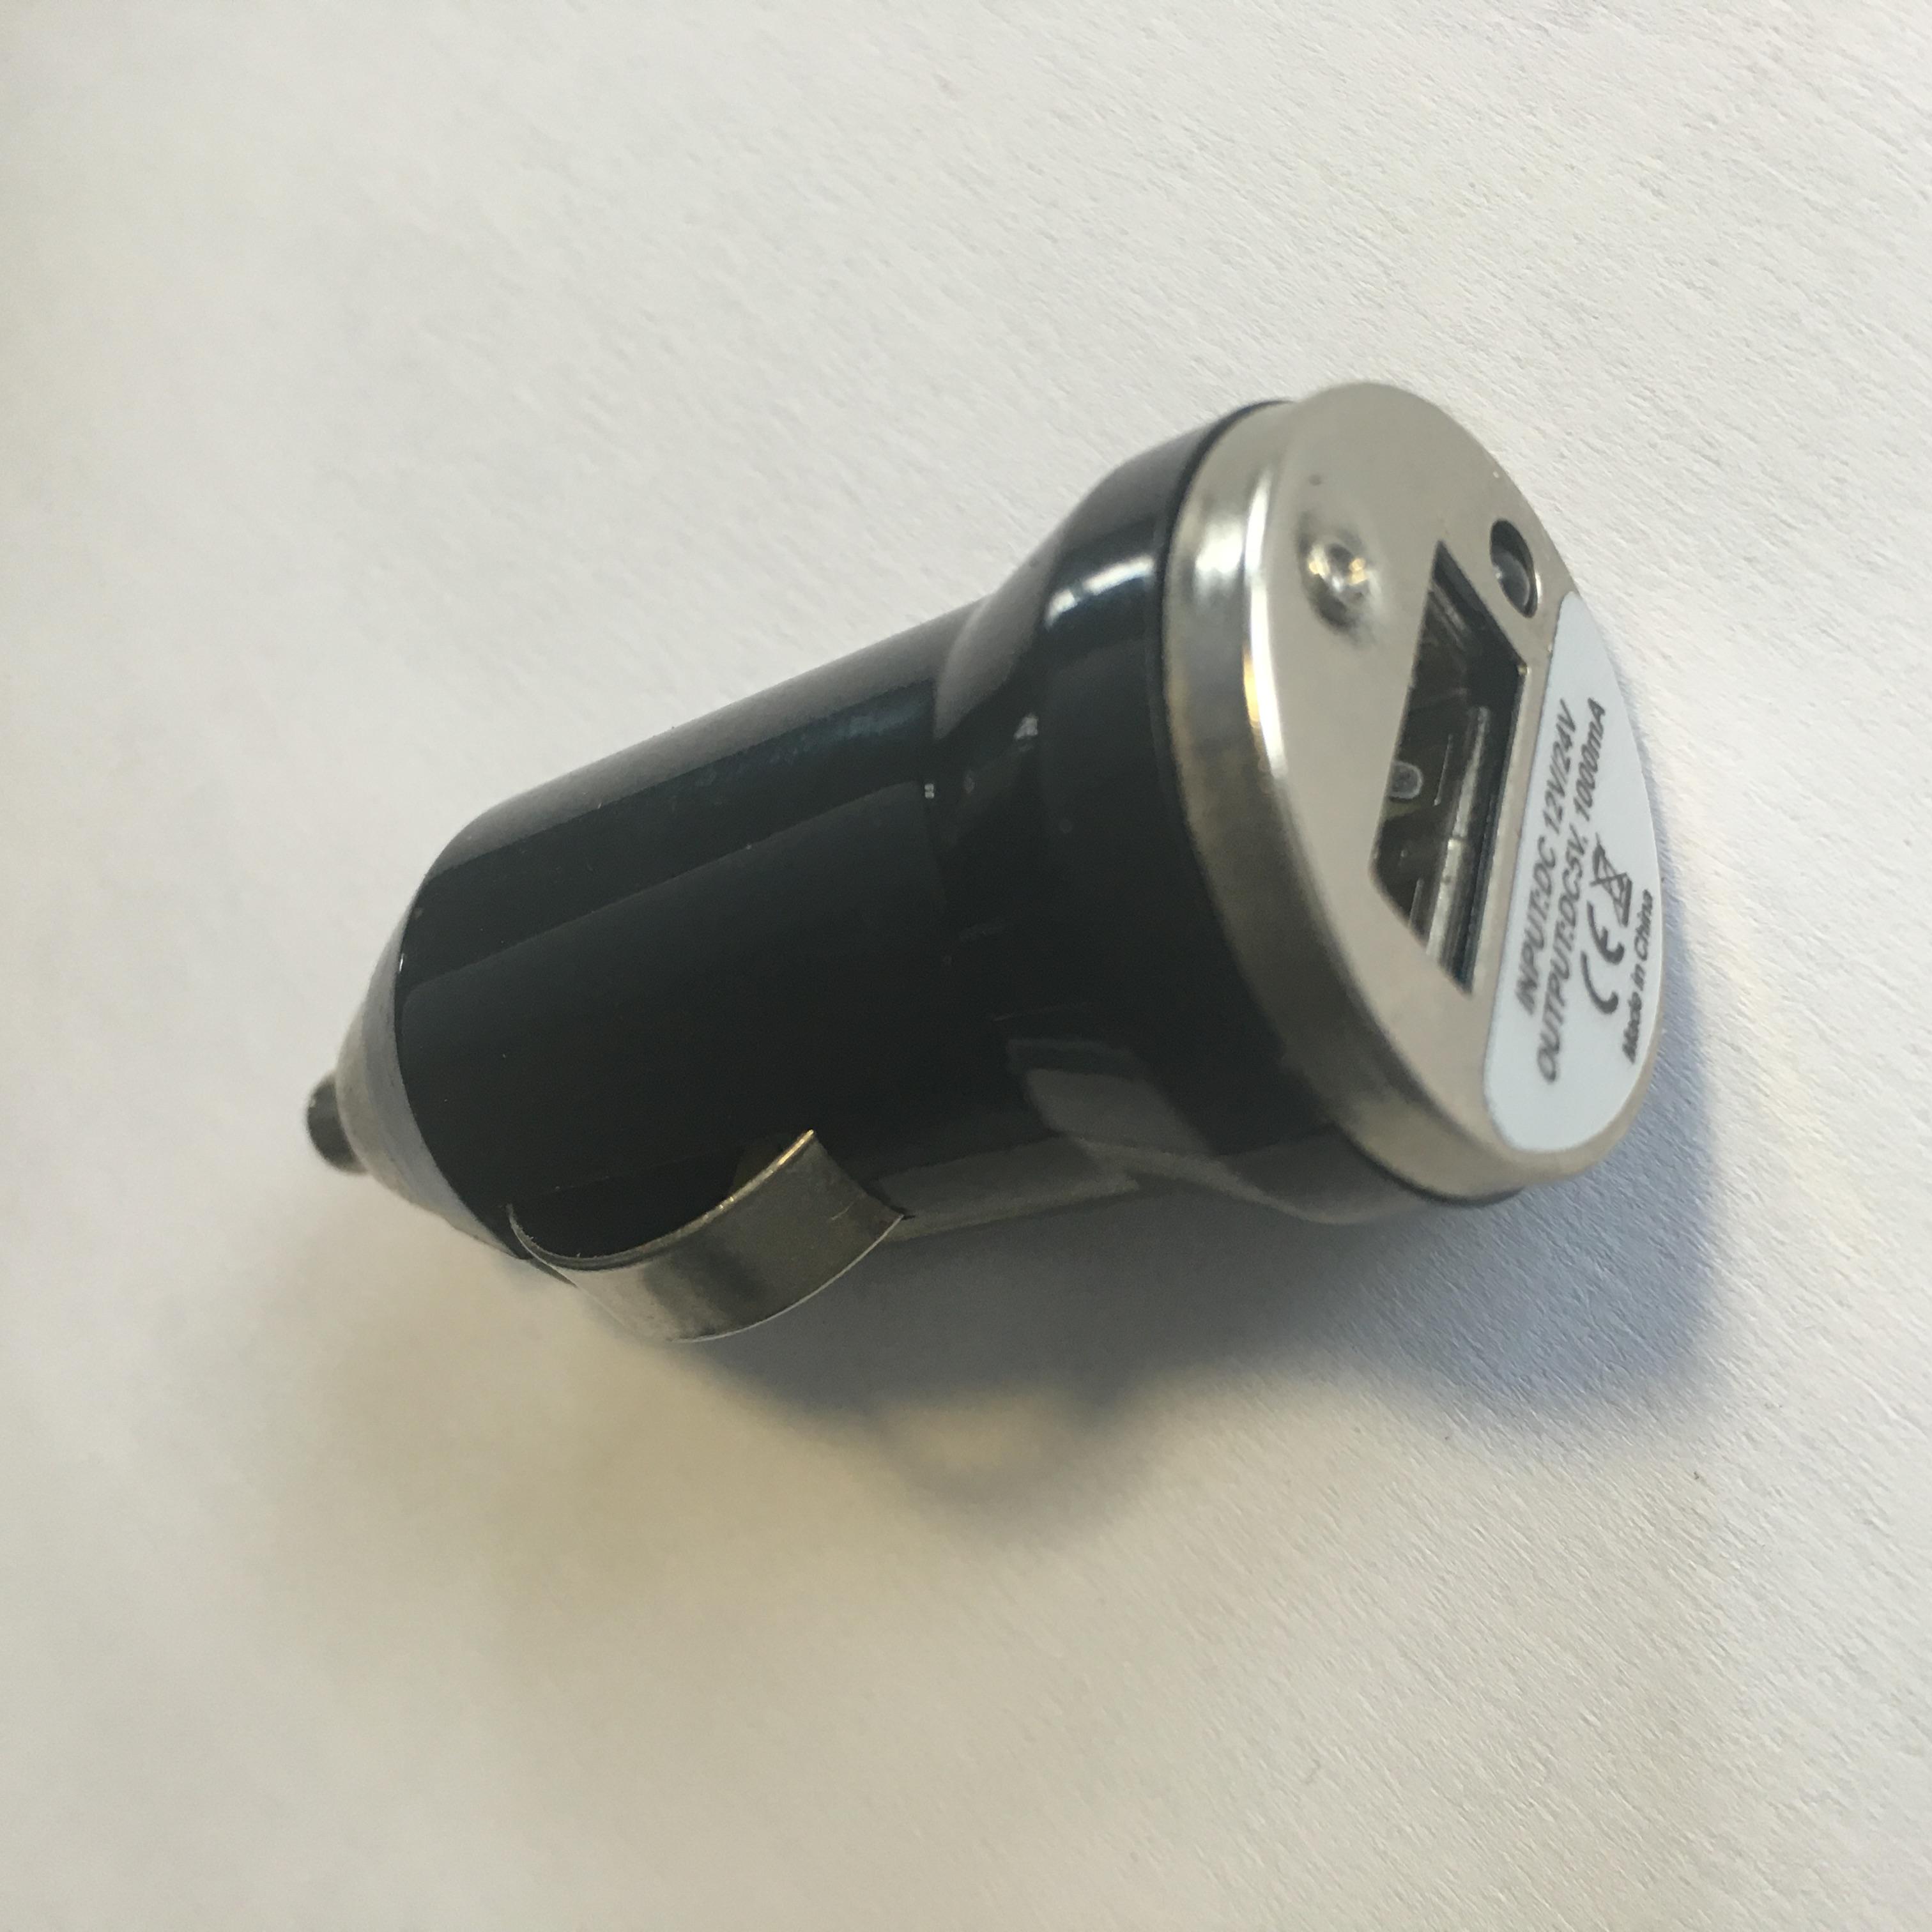 Zástrčka s 1x USB výstupem, 12/24V, 1000 mA, SPL-102